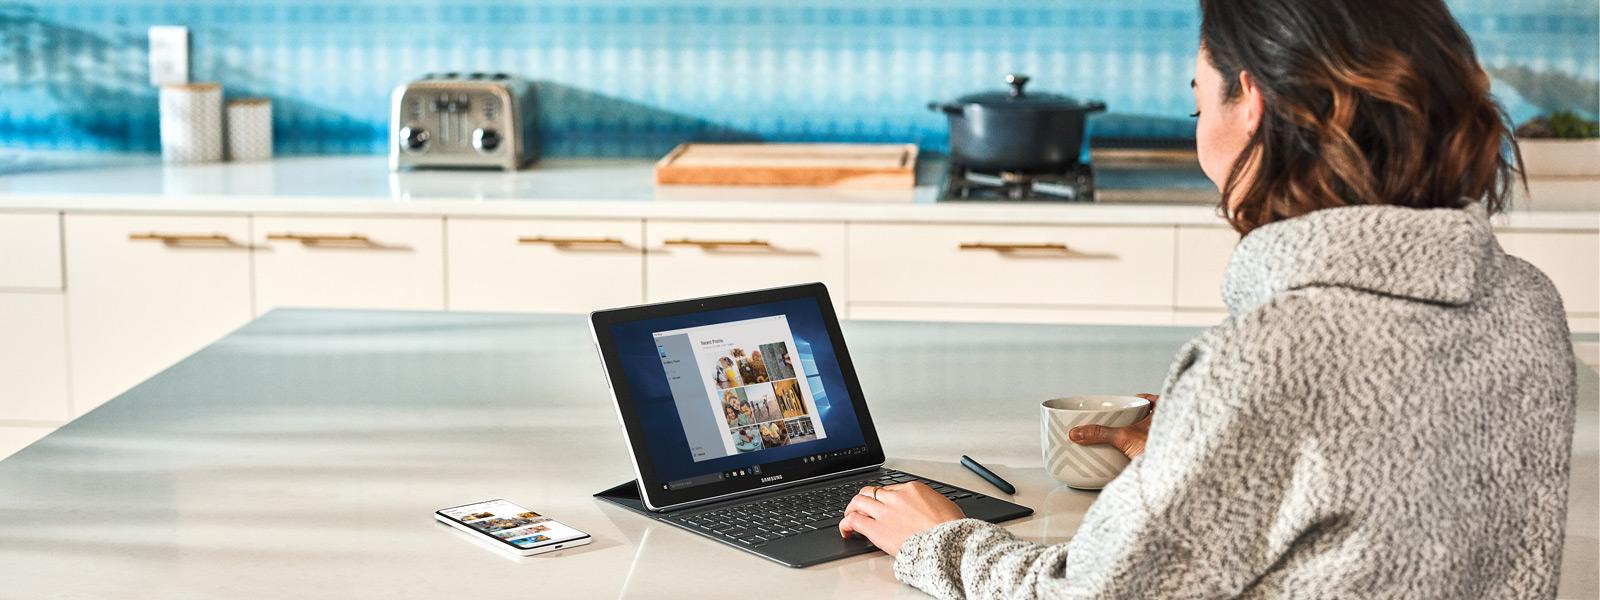 Žena sedí pri kuchynskom pulte a používa laptop s Windowsom 10 a mobilný telefón